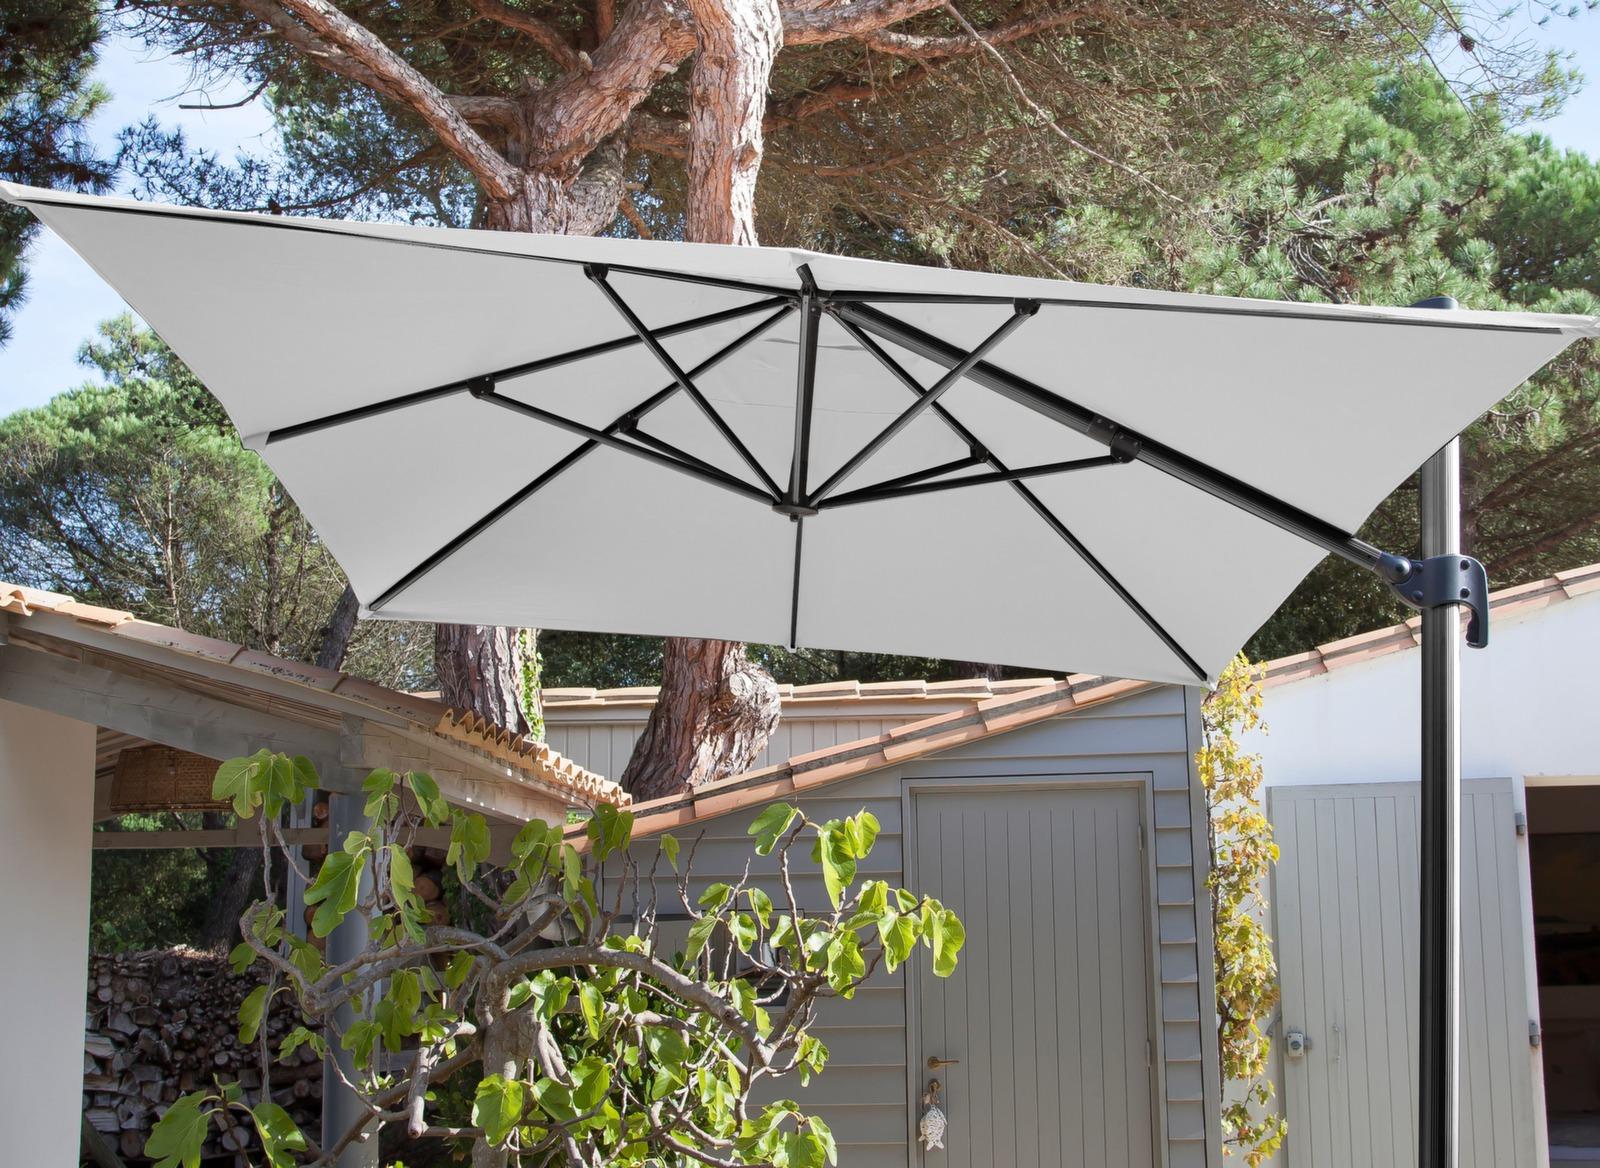 Toile pour parasol déporté rectangle 3x4m – Proloisirs